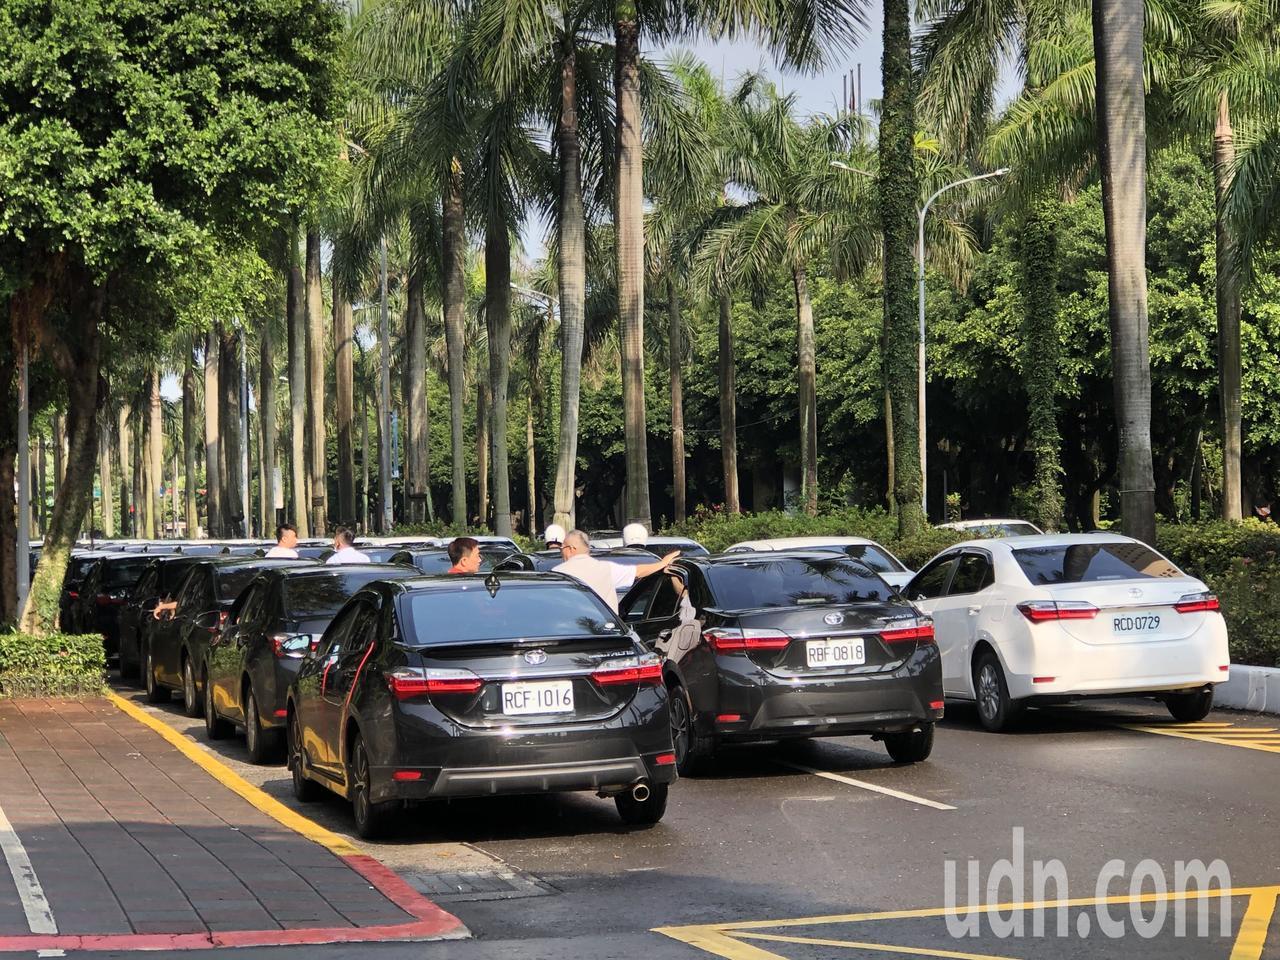 上百輛Uber車輛現在正排成「103-1 NO」字樣。記者曹悅華/攝影